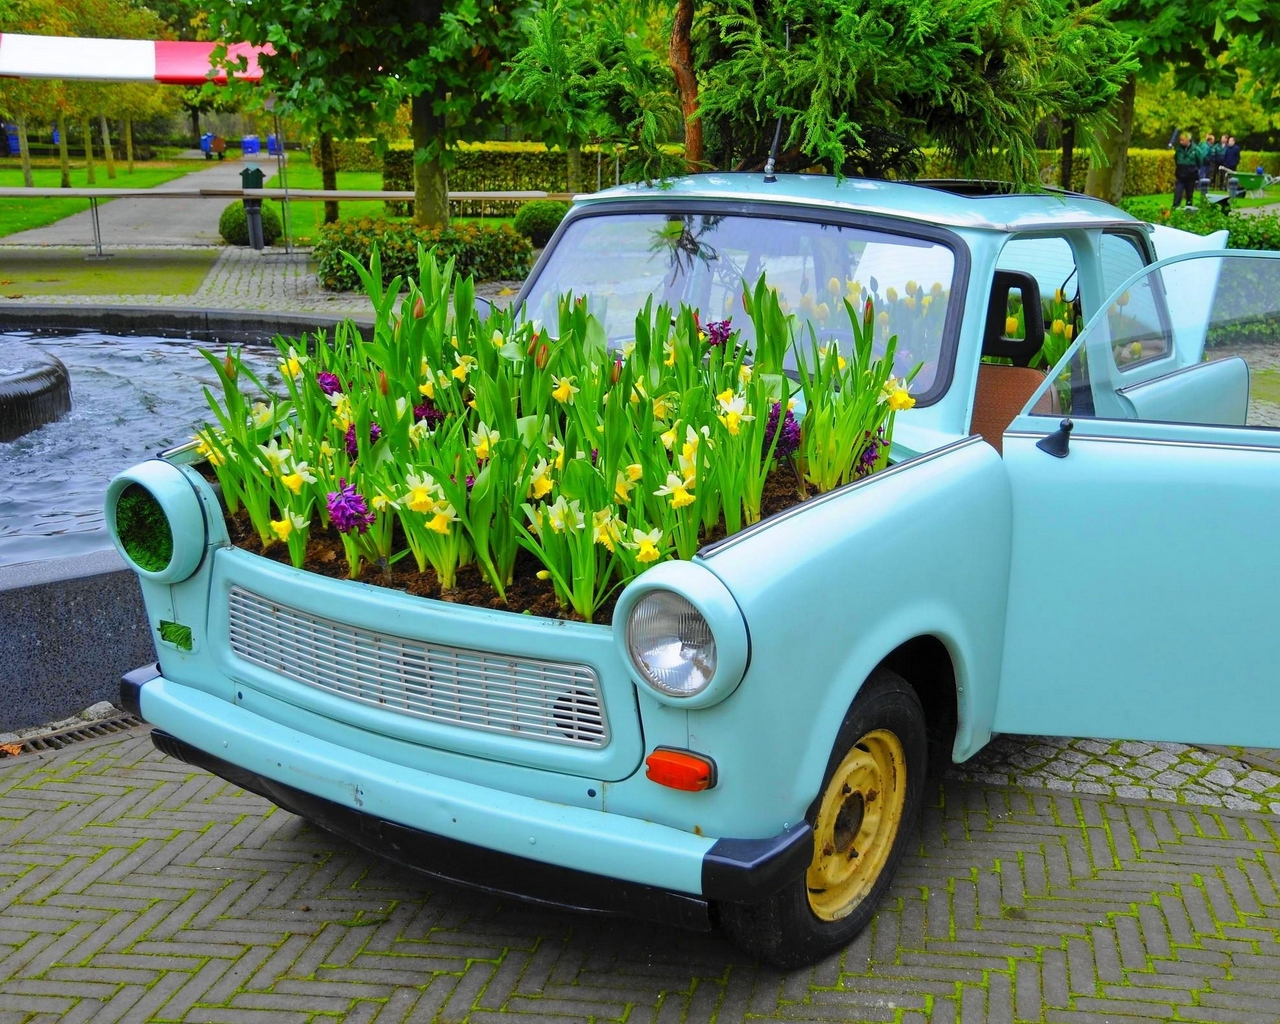 В Госдуме предложили запретить эксплуатацию старых машин